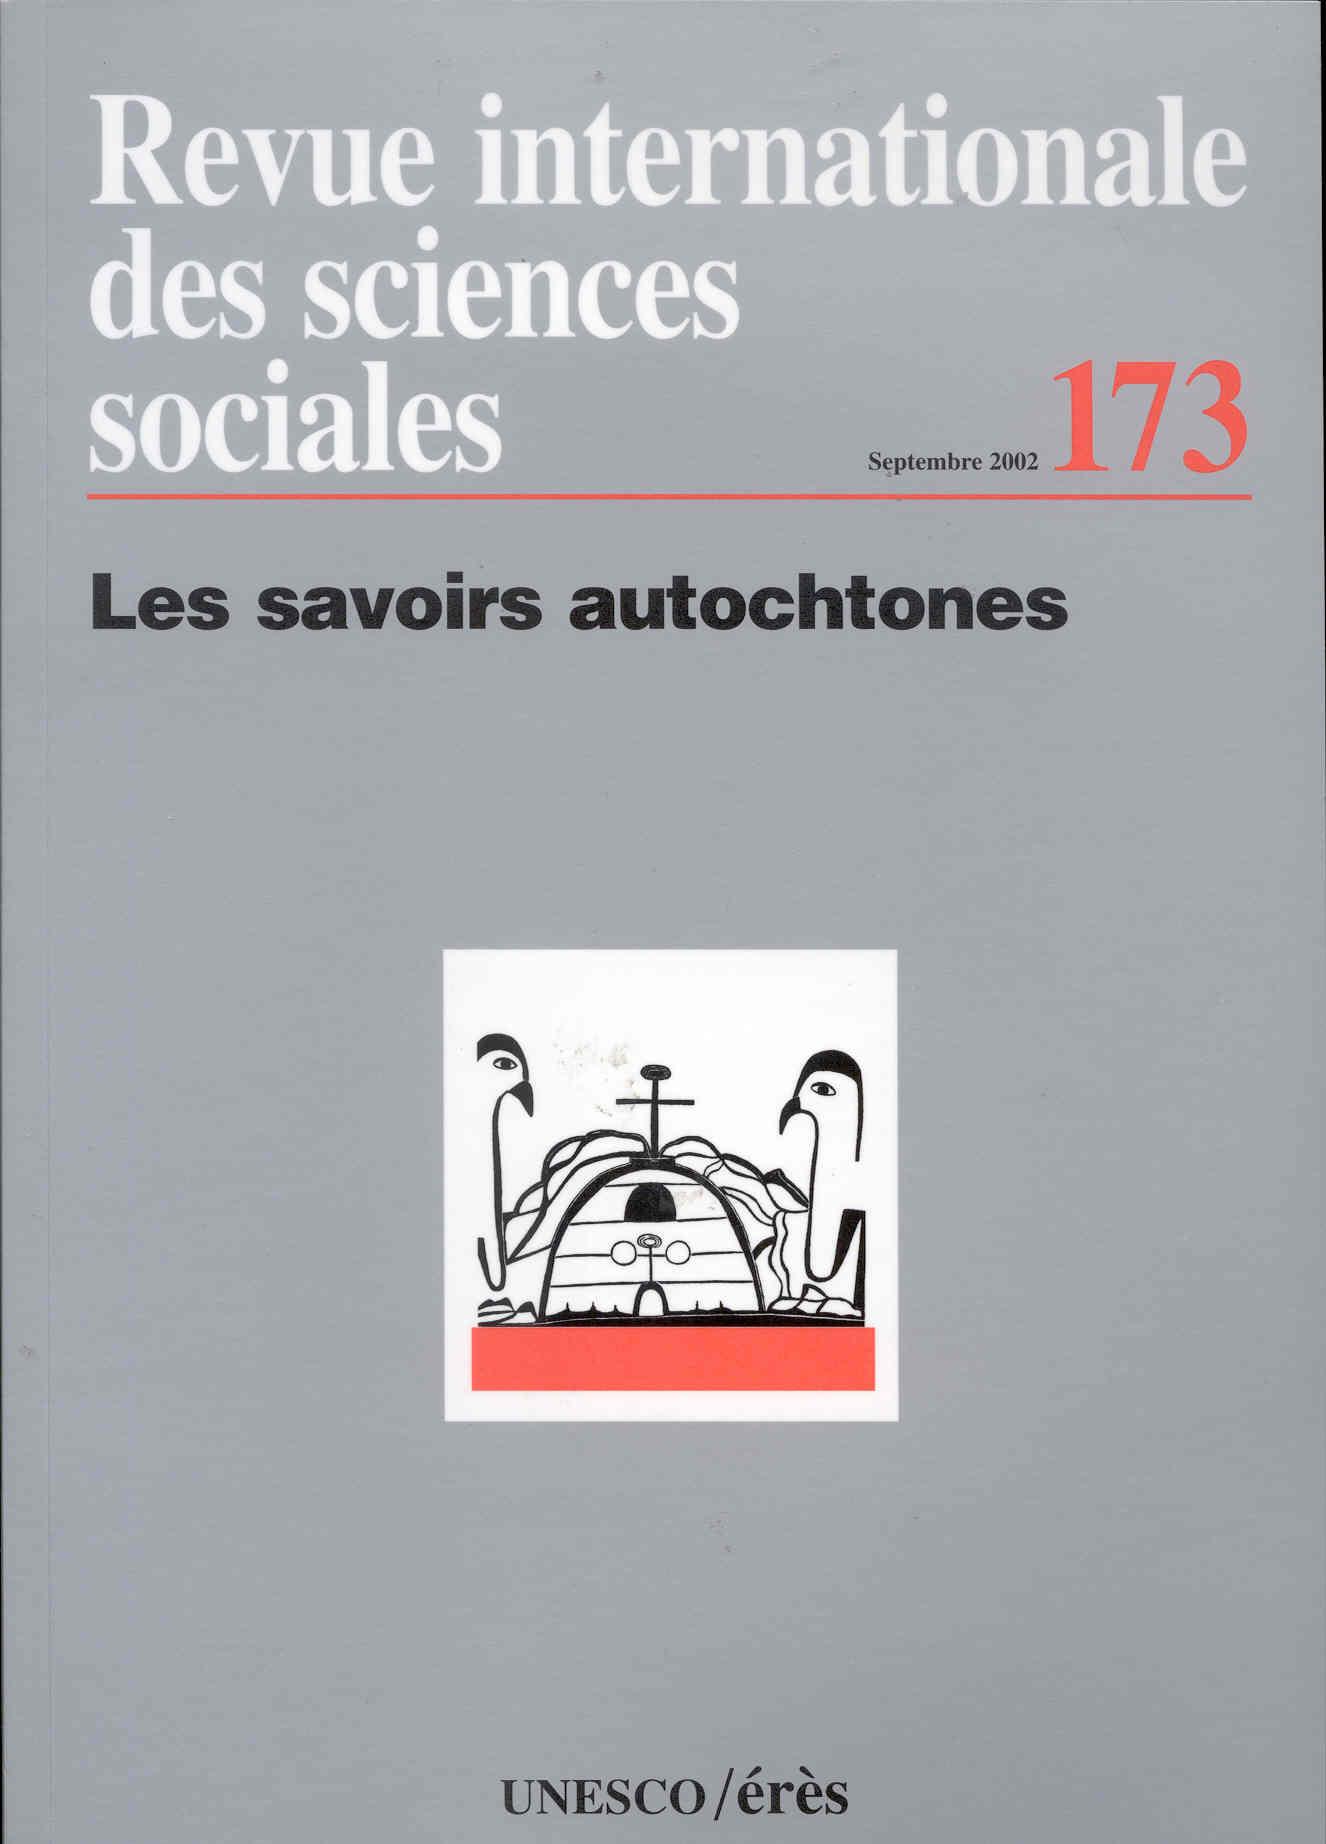 Revue riss t.173; les savoirs autochtones